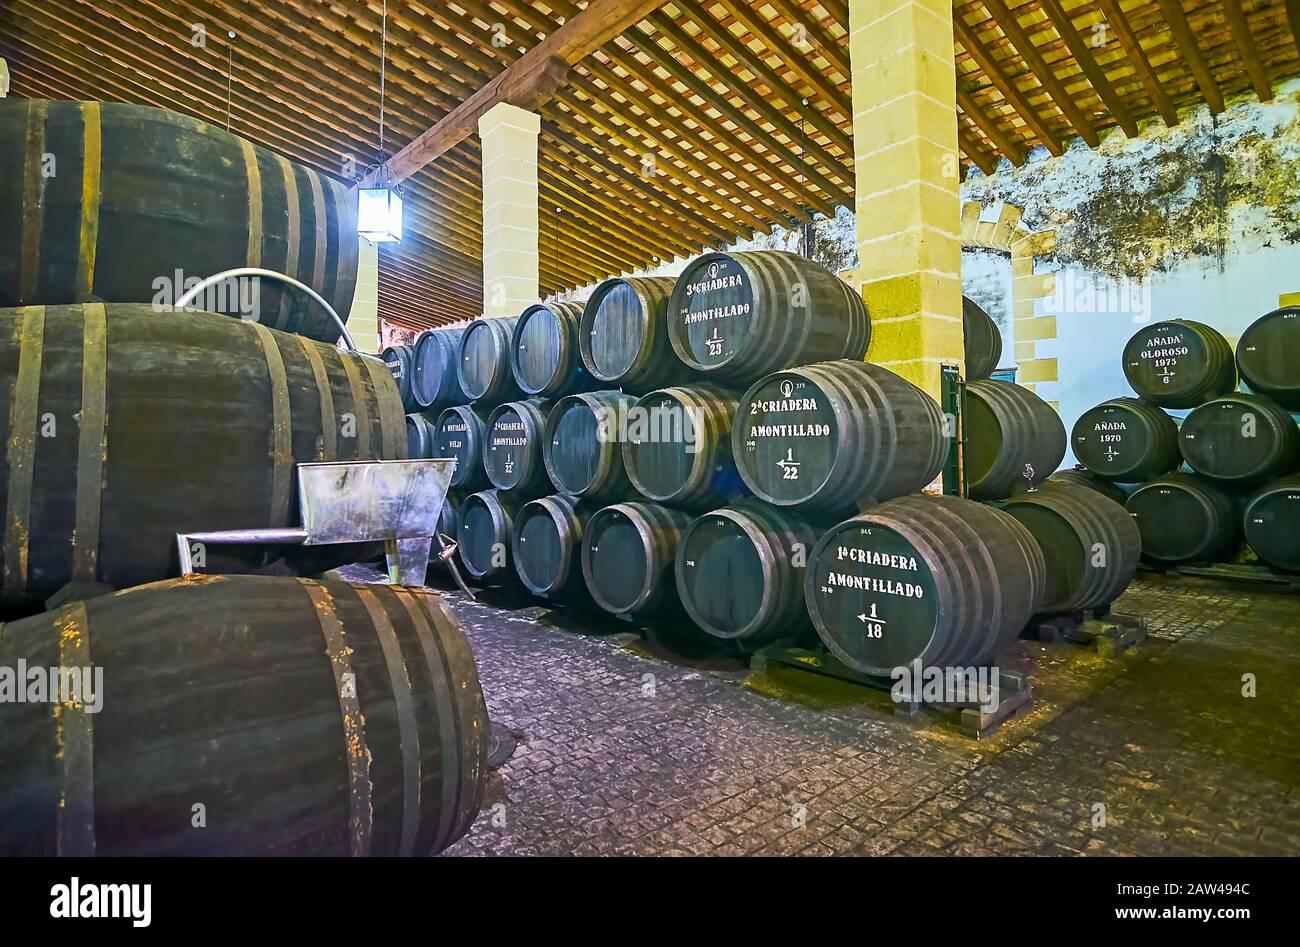 Jerez, SPAGNA - 20 SETTEMBRE 2019: Passeggia tra le botti di rovere nero impilate nella cantina Bodegas Tradicion, famosa per il vino Sherry invecchiato di alta qualità, su Se Foto Stock